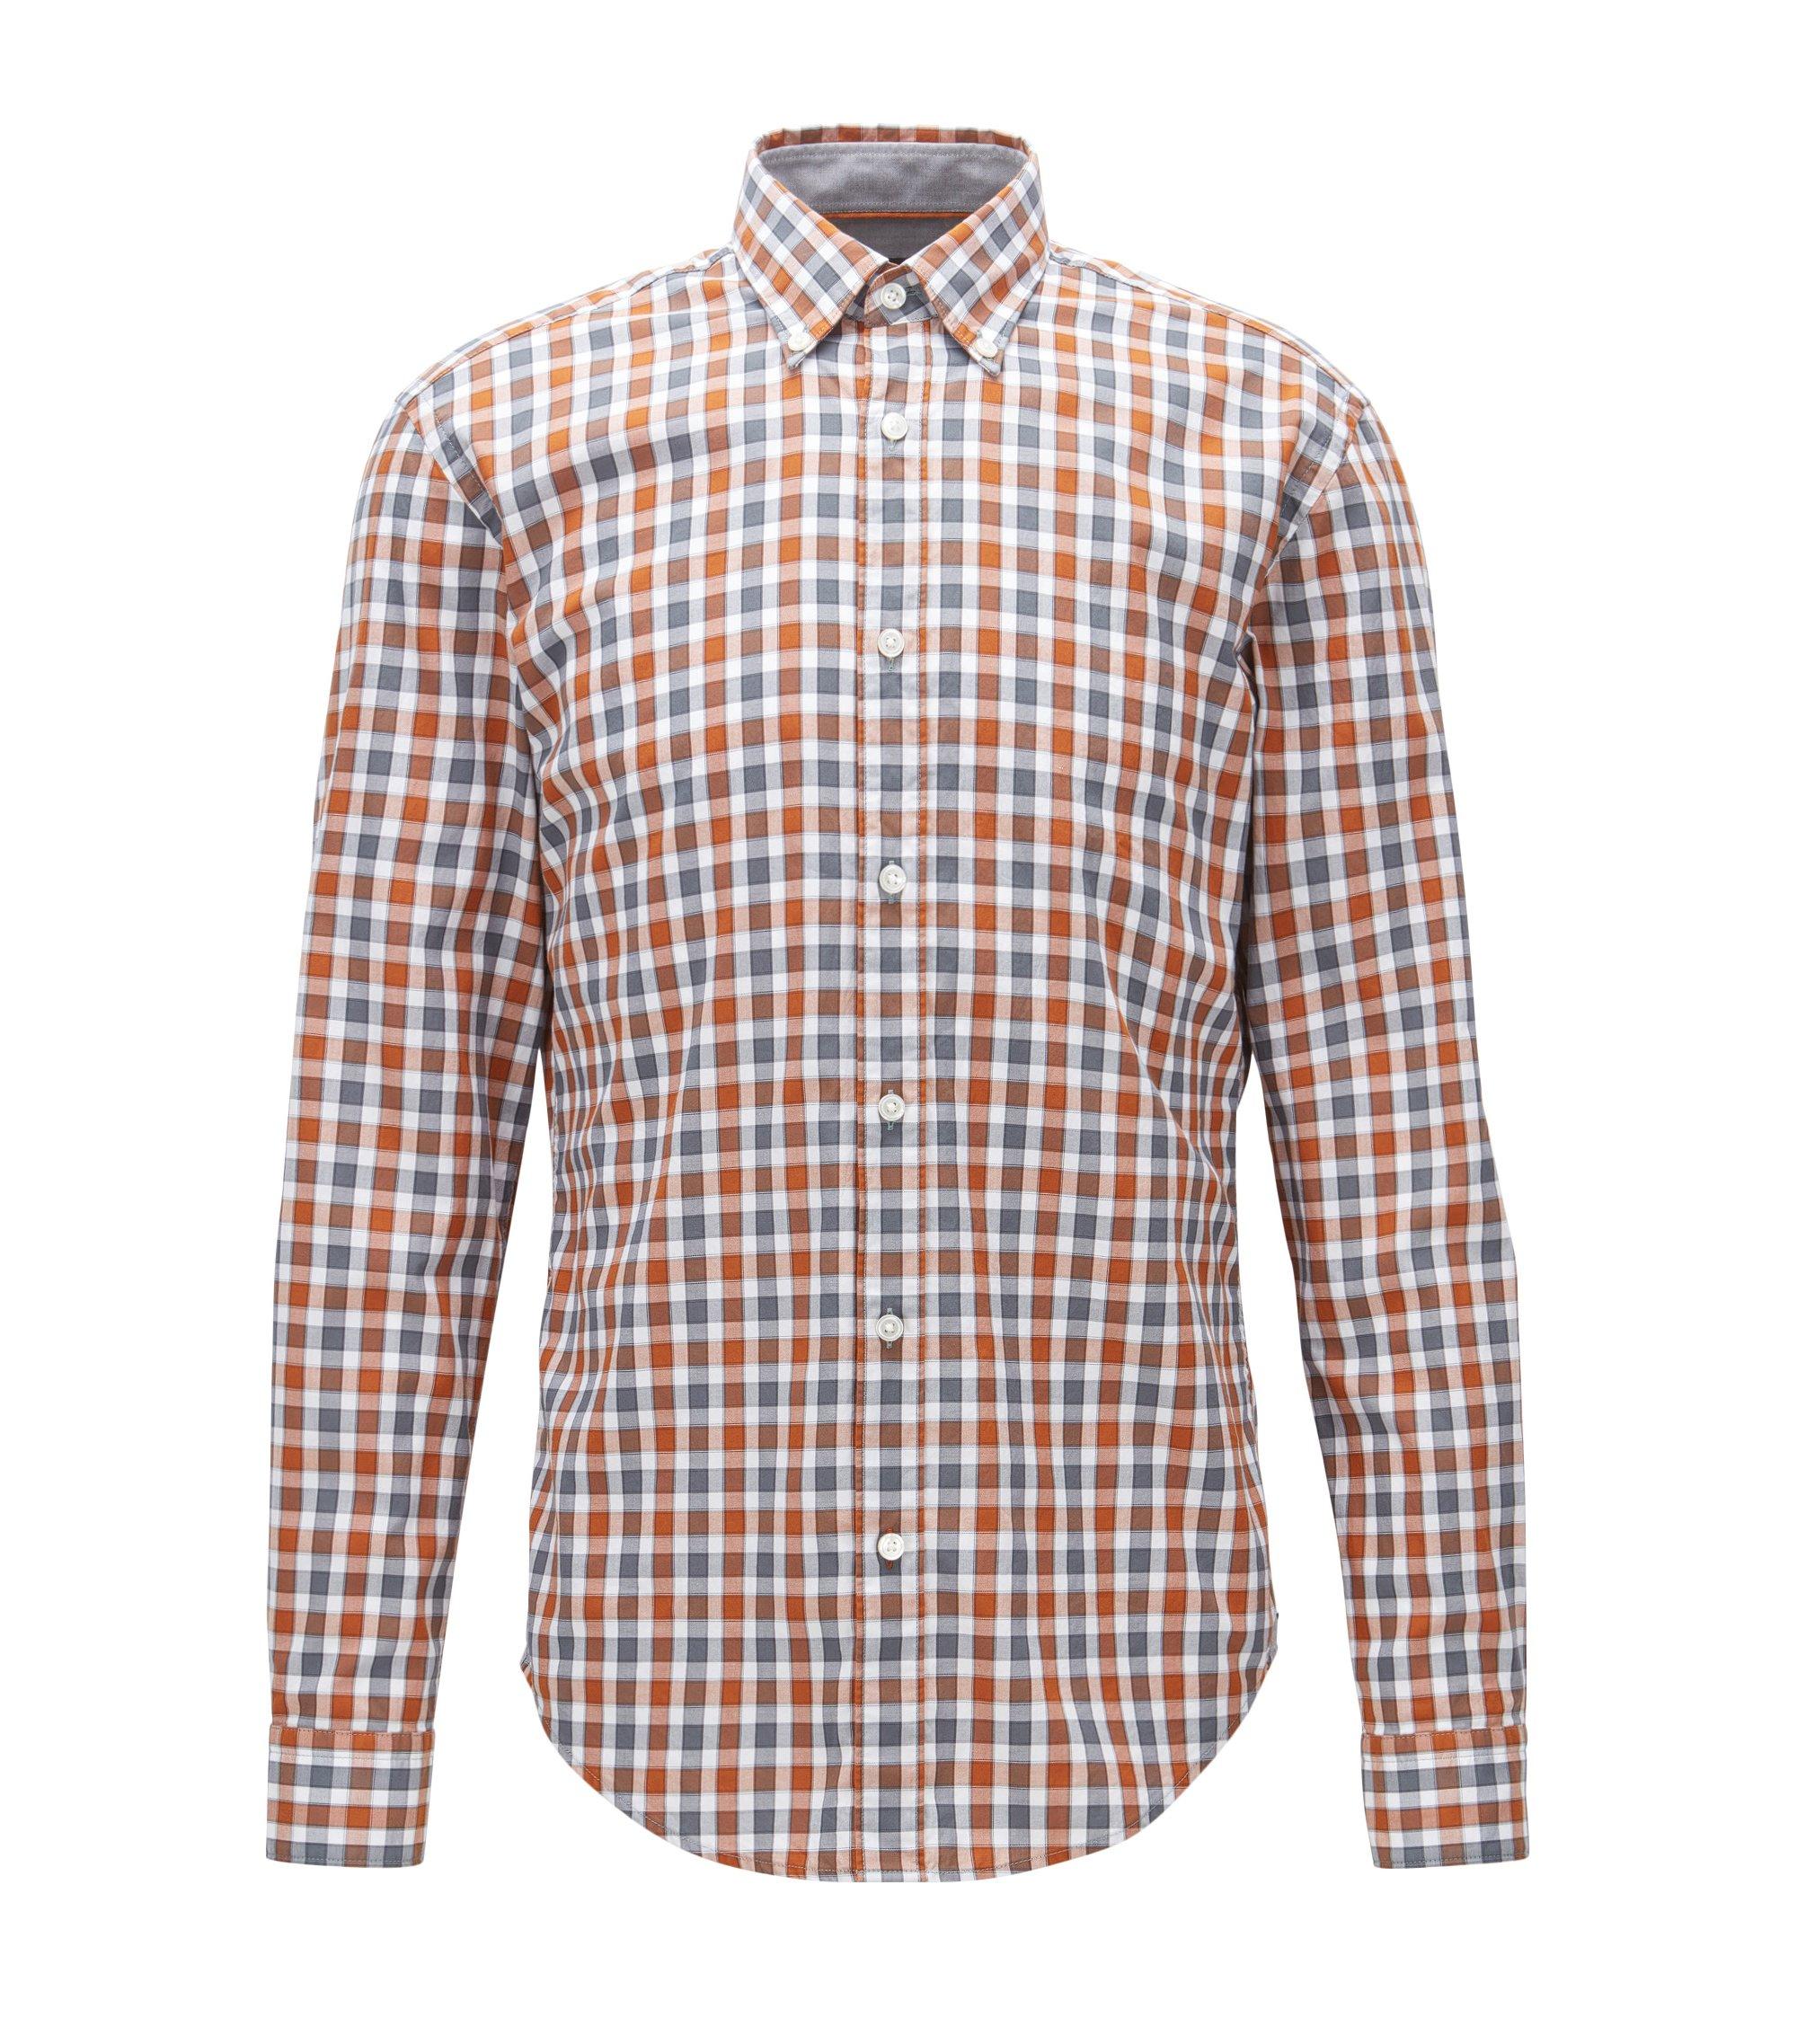 Plaid Cotton Button Down Shirt, Slim Fit   Rod, Brown